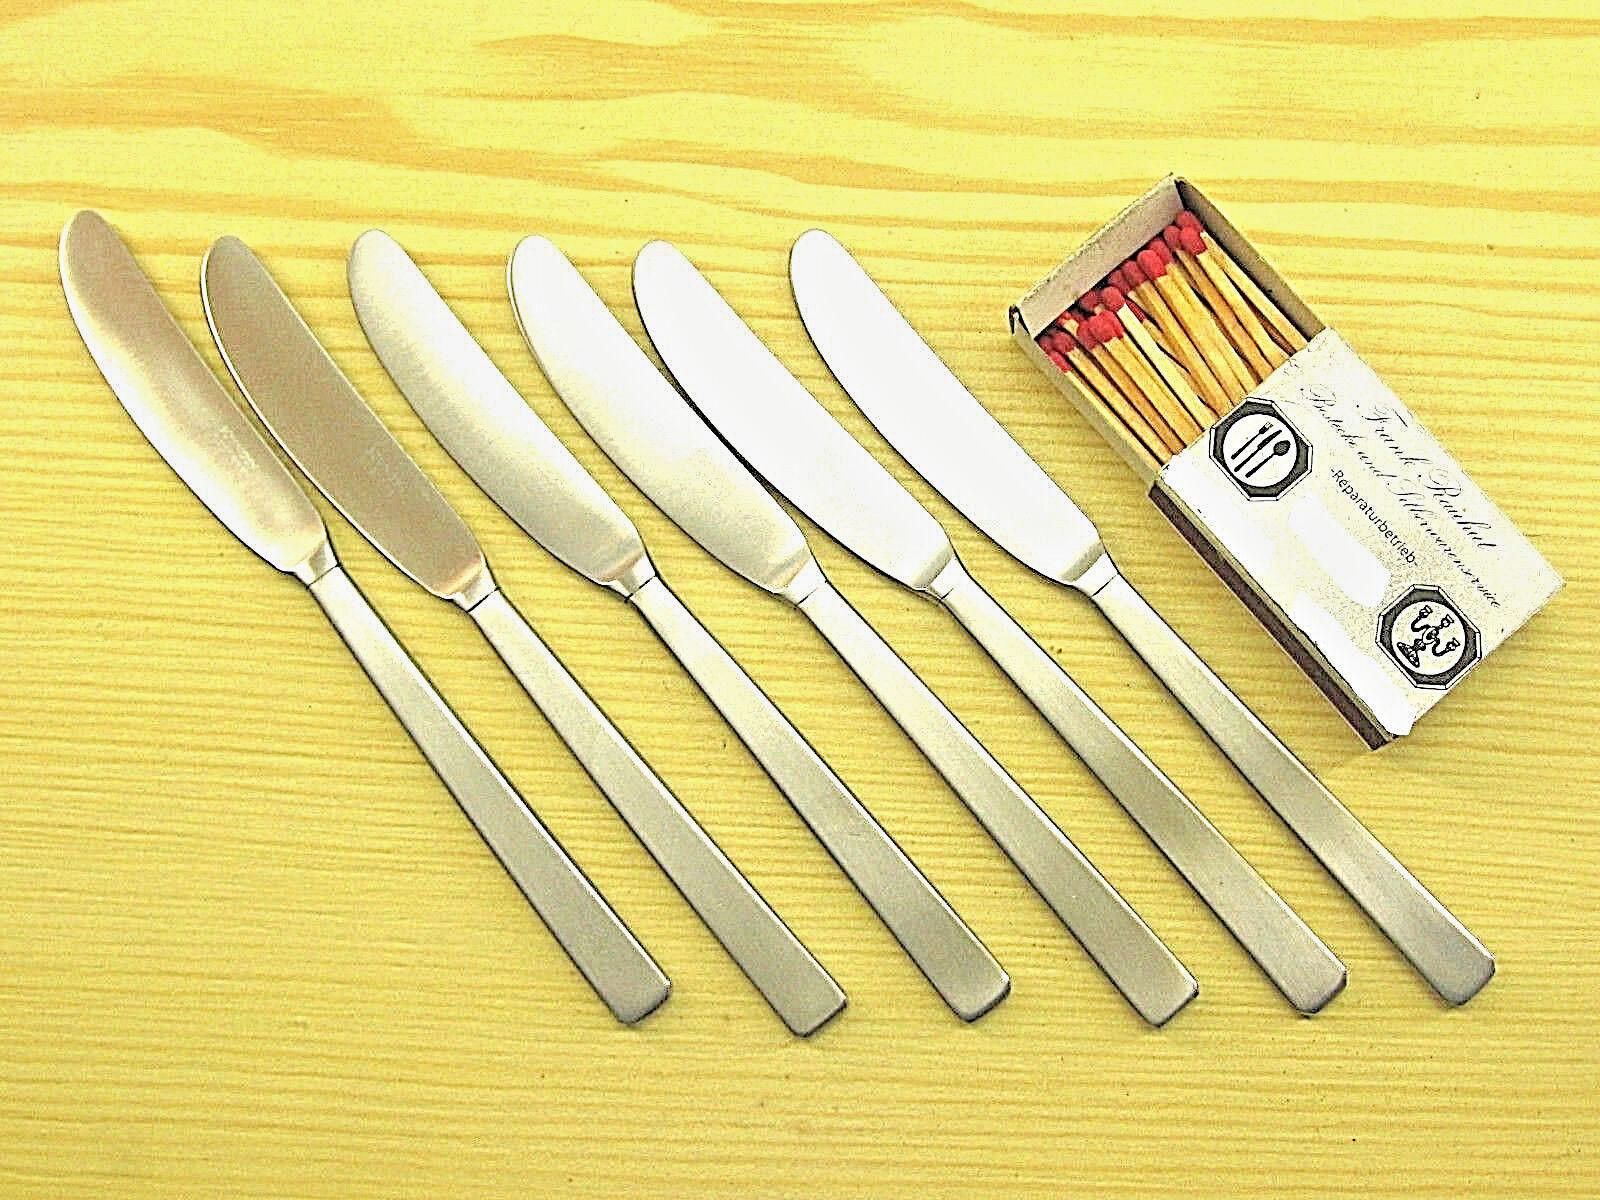 6 Buttermesser Obstmesser Kuchenmesser, HUGO POTT 2789, 18 8 Edelstahl 1770S